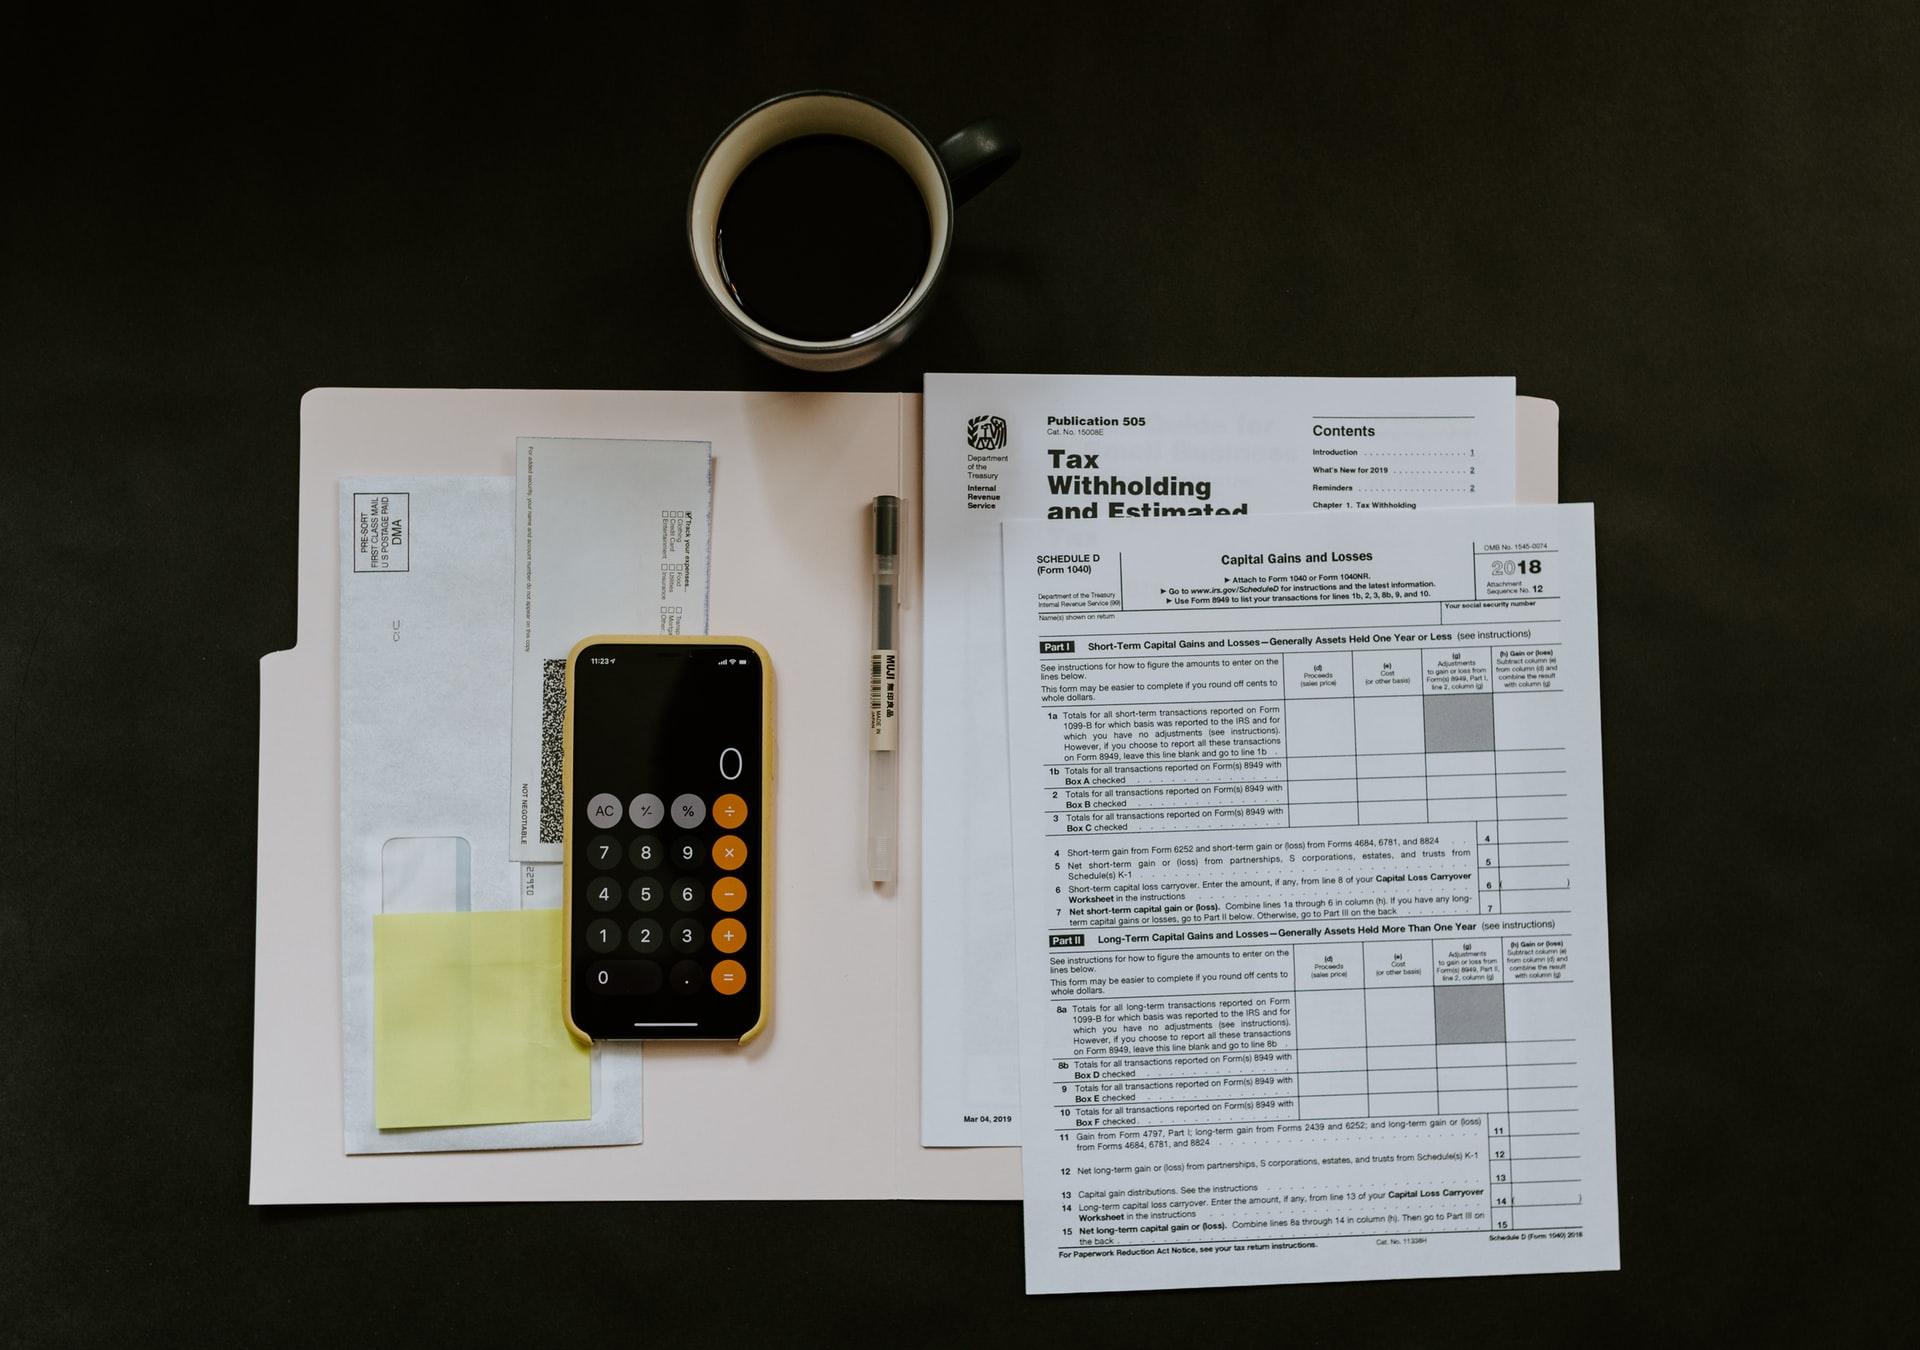 Ngành Accounting là gì và liệu nó có phù hợp với tôi không?